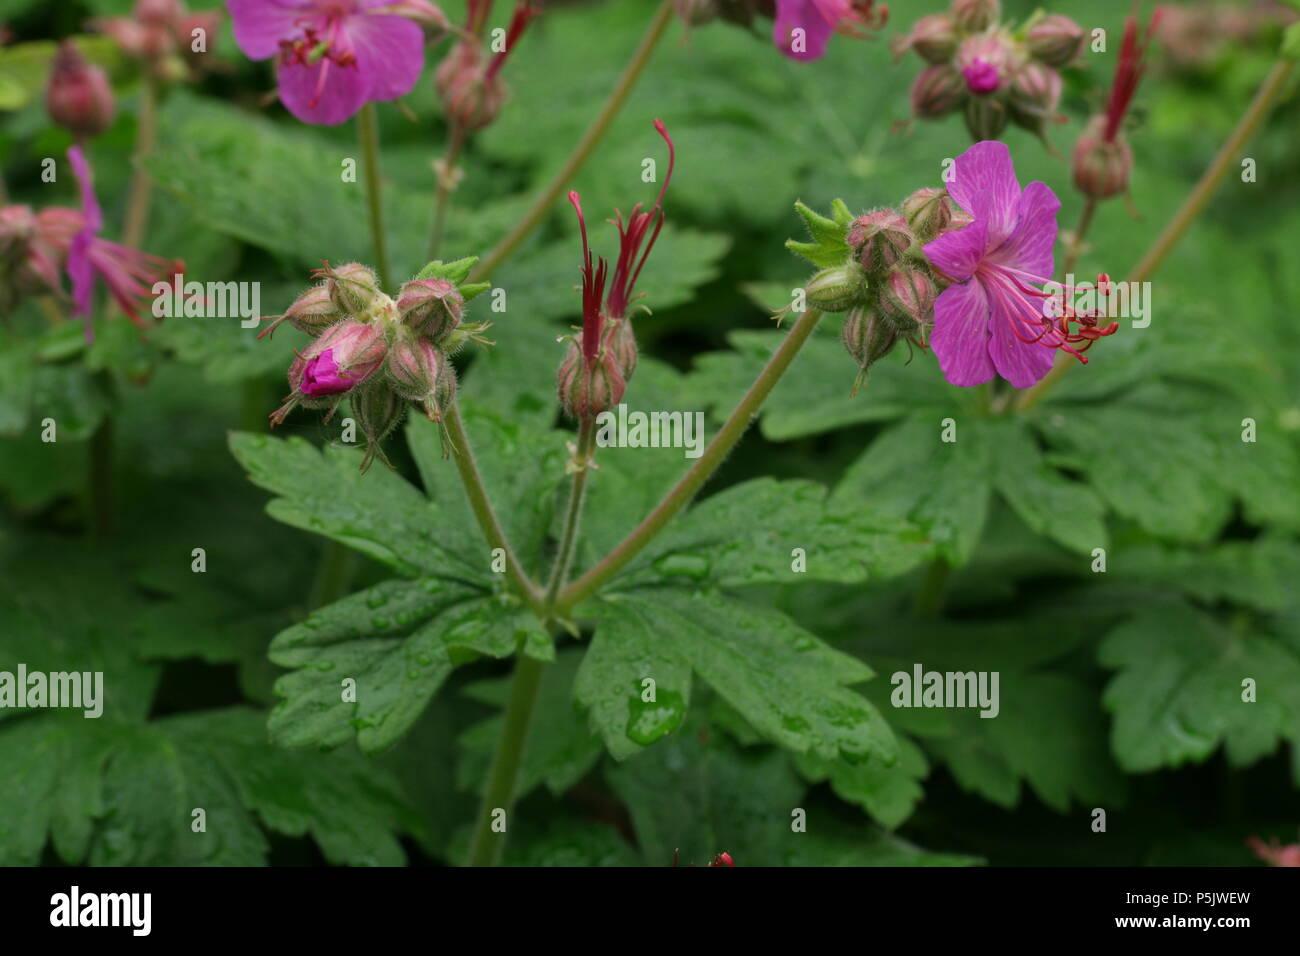 Geranium macrorrhizum / Bigroot Geranium / Balkan-Storchschnabel - Stock Image